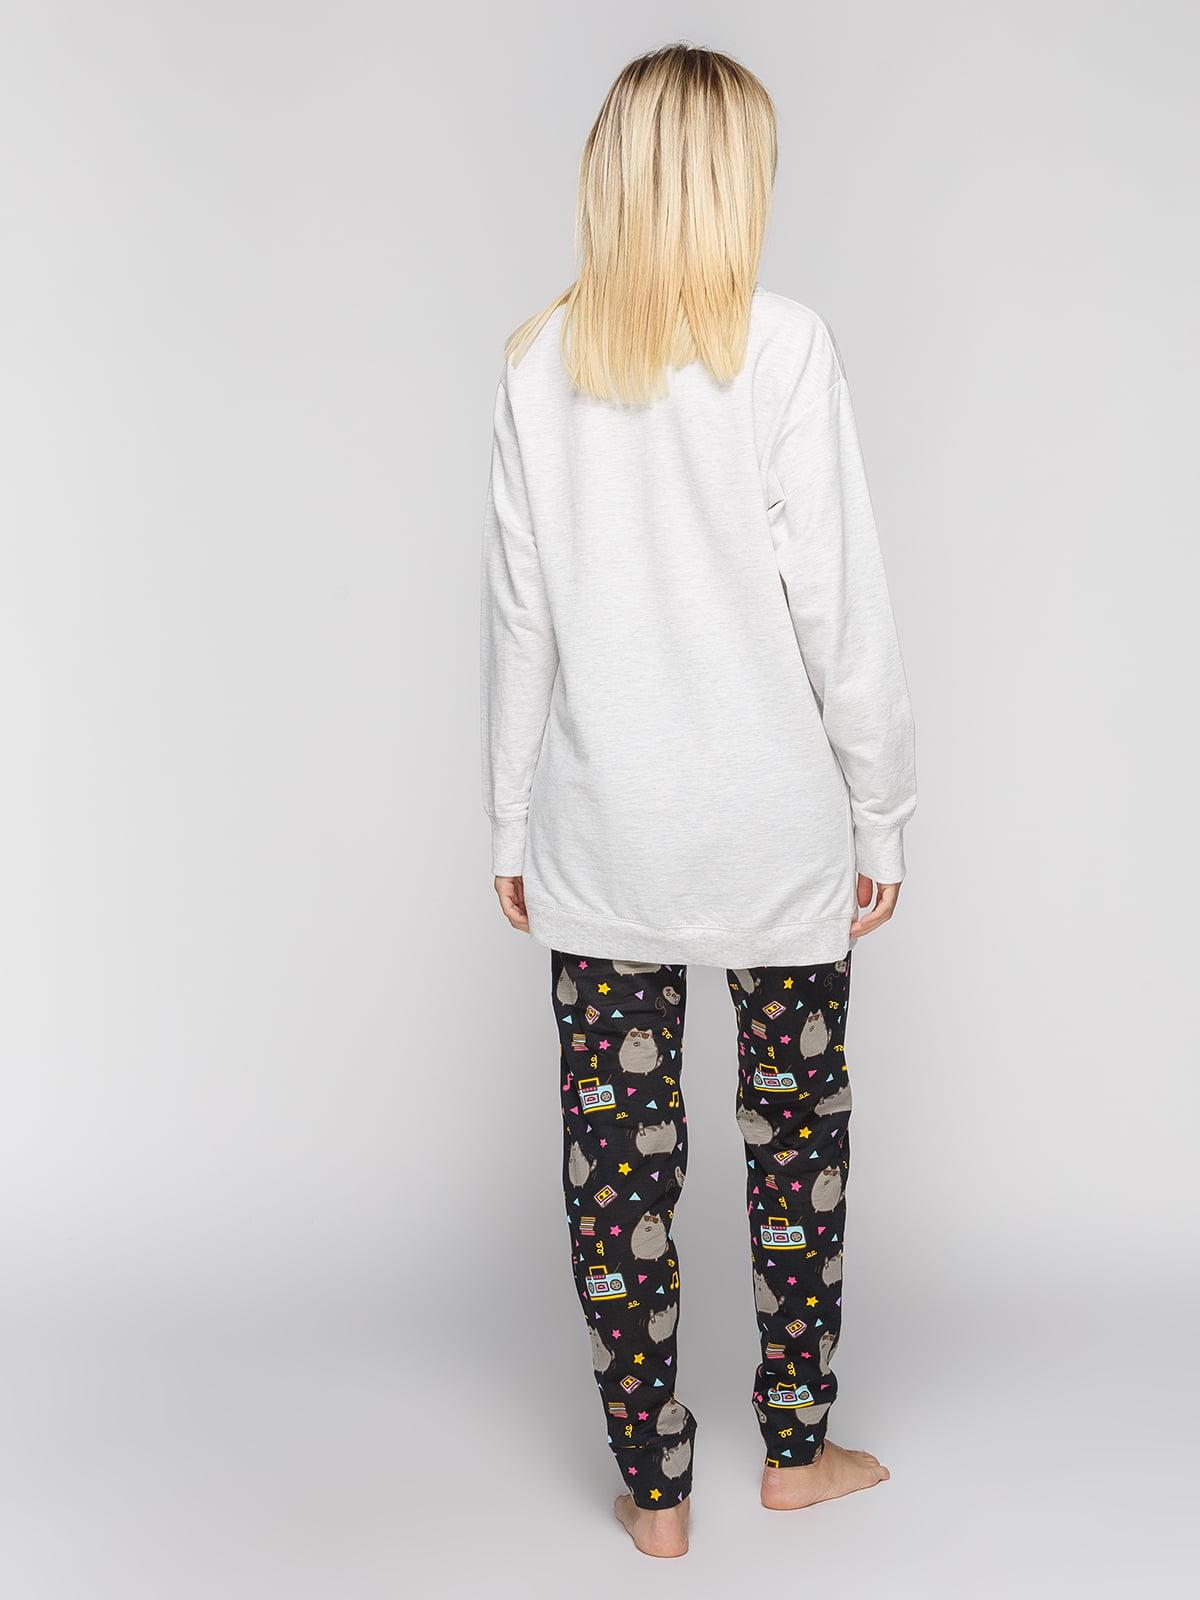 Брюки черные в принт пижамные | 4596771 | фото 3